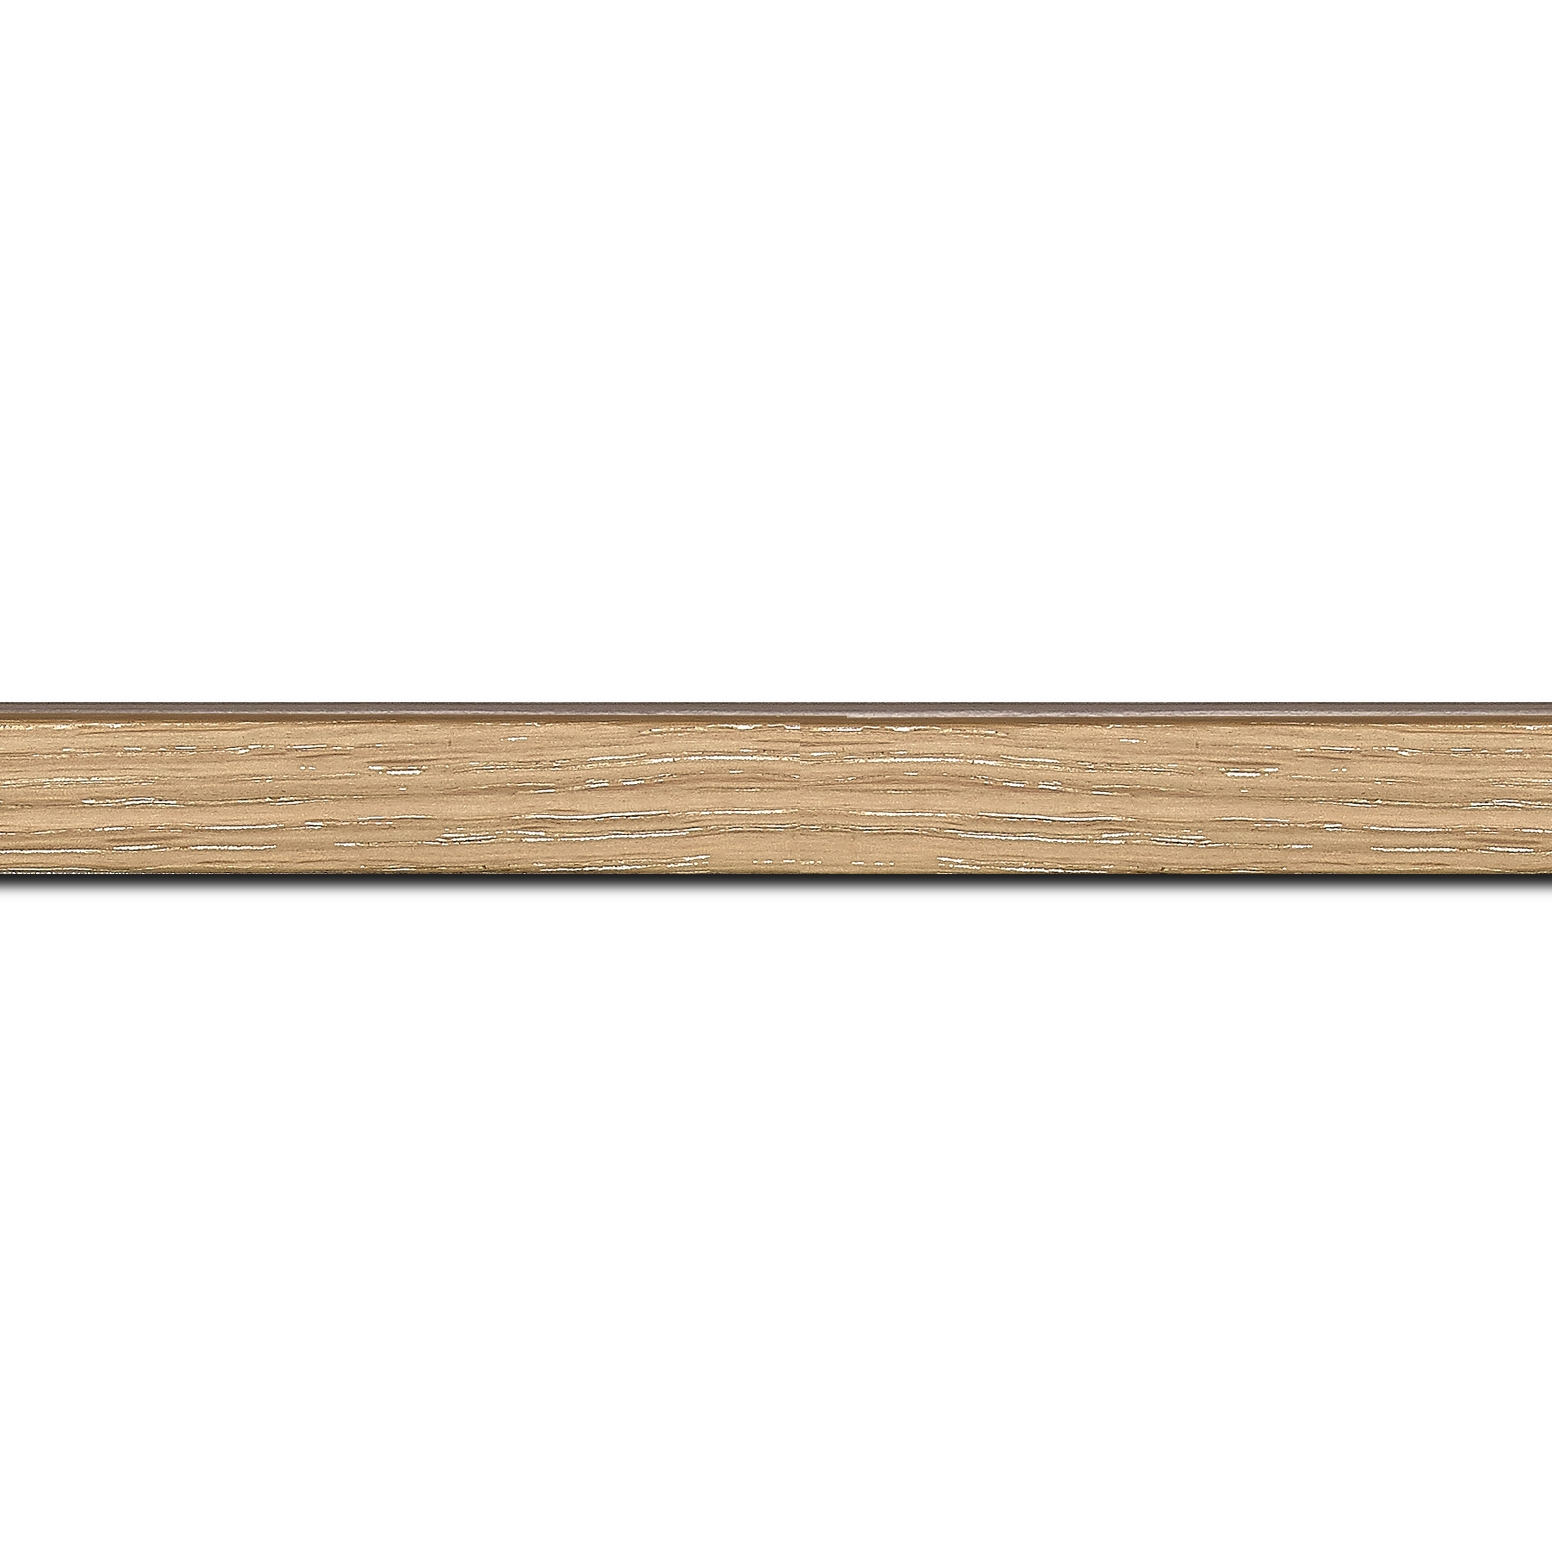 Baguette longueur 1.40m bois profil plat largeur 1.5cm  plaquage chêne blanchi haut de gamme